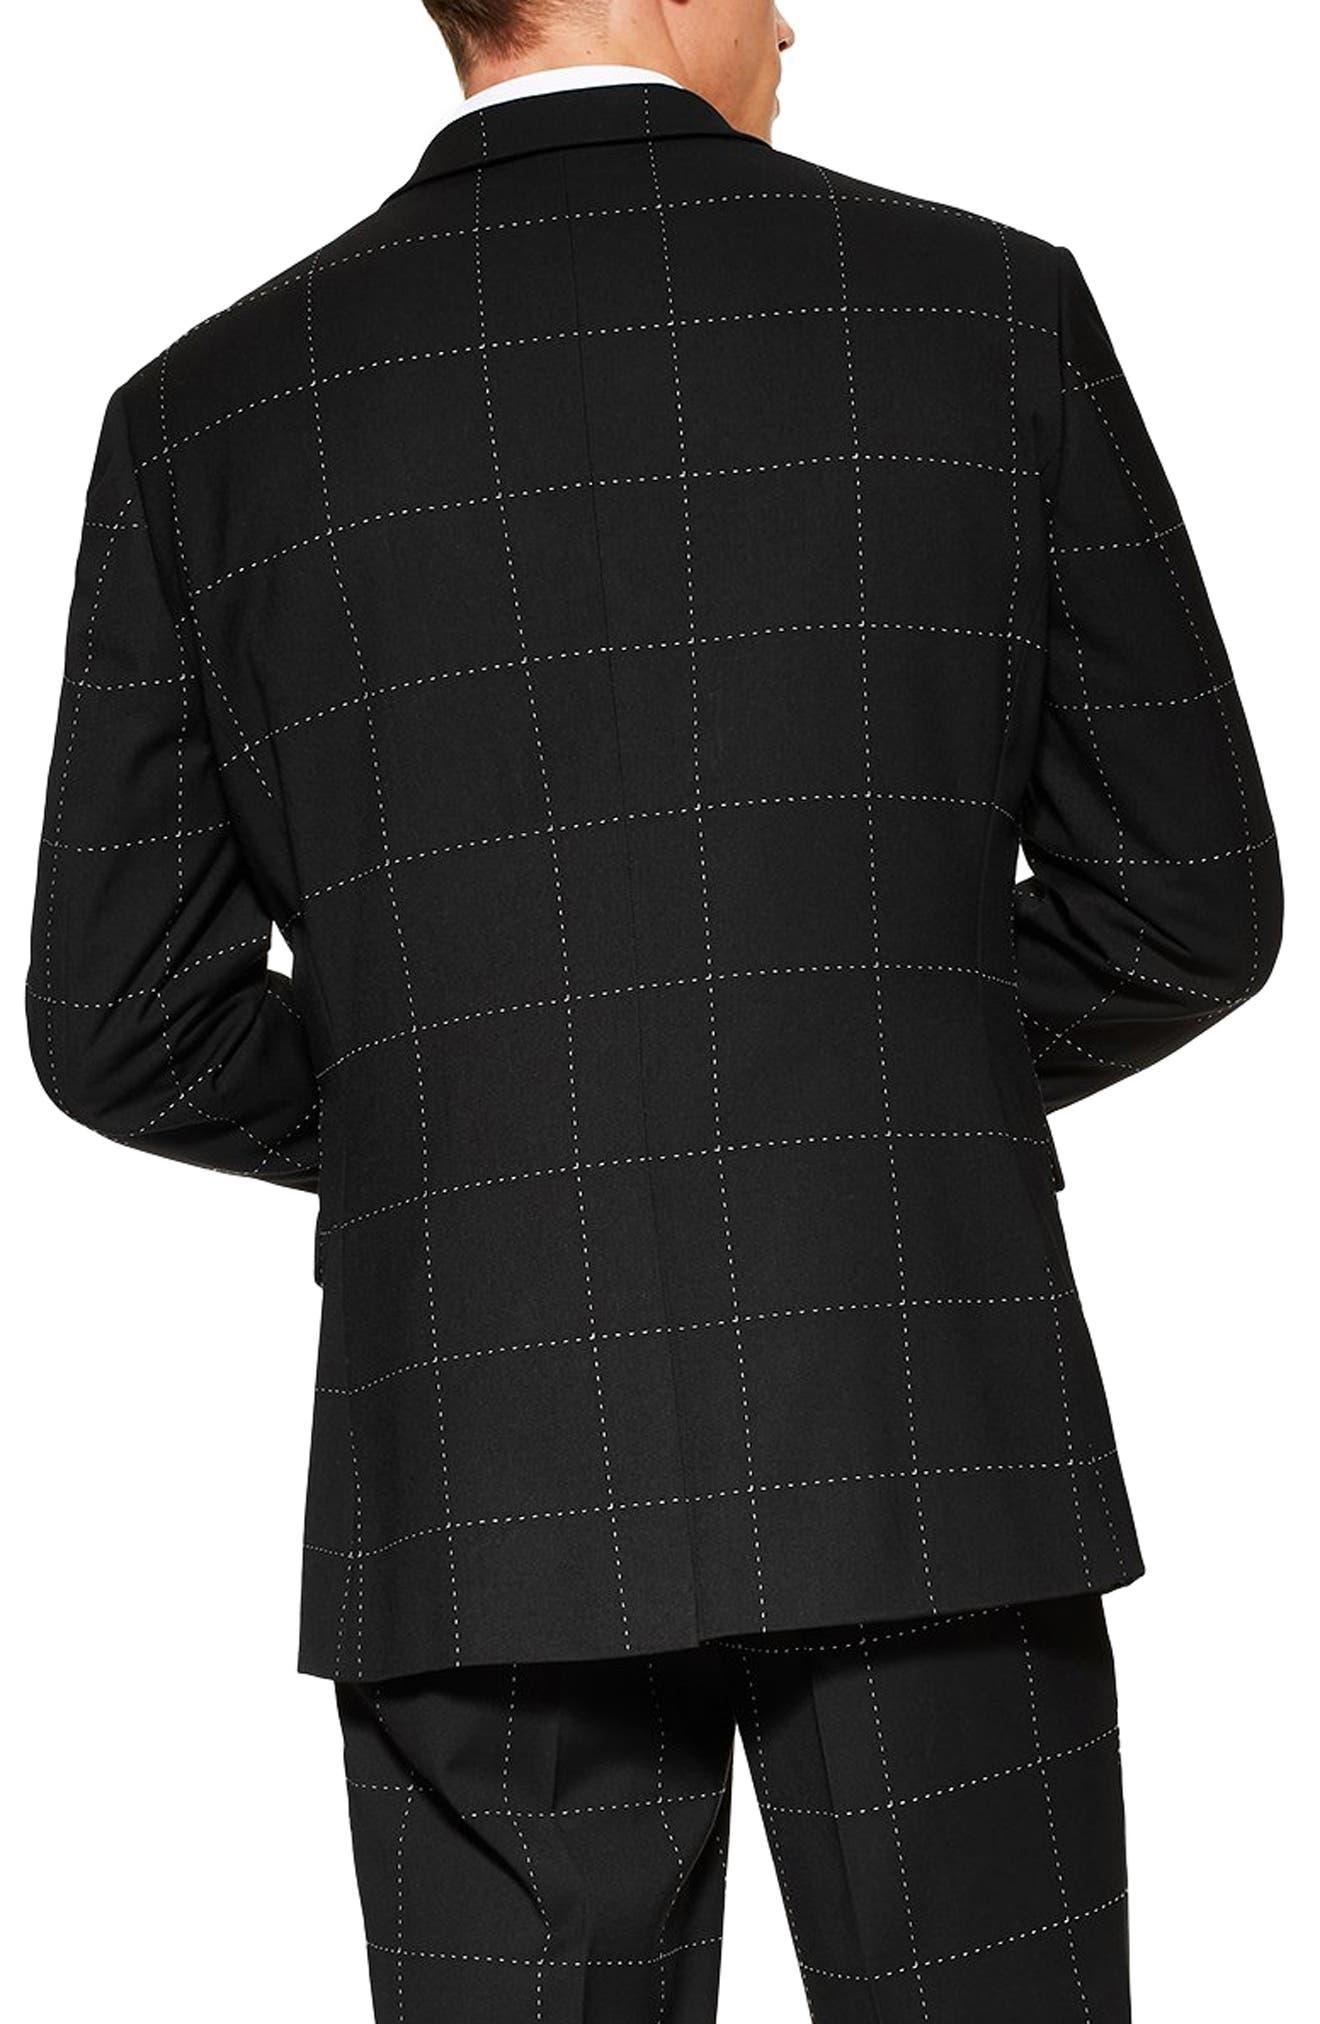 TOPMAN, Slim Fit Topstitch Suit Jacket, Alternate thumbnail 2, color, BLACK